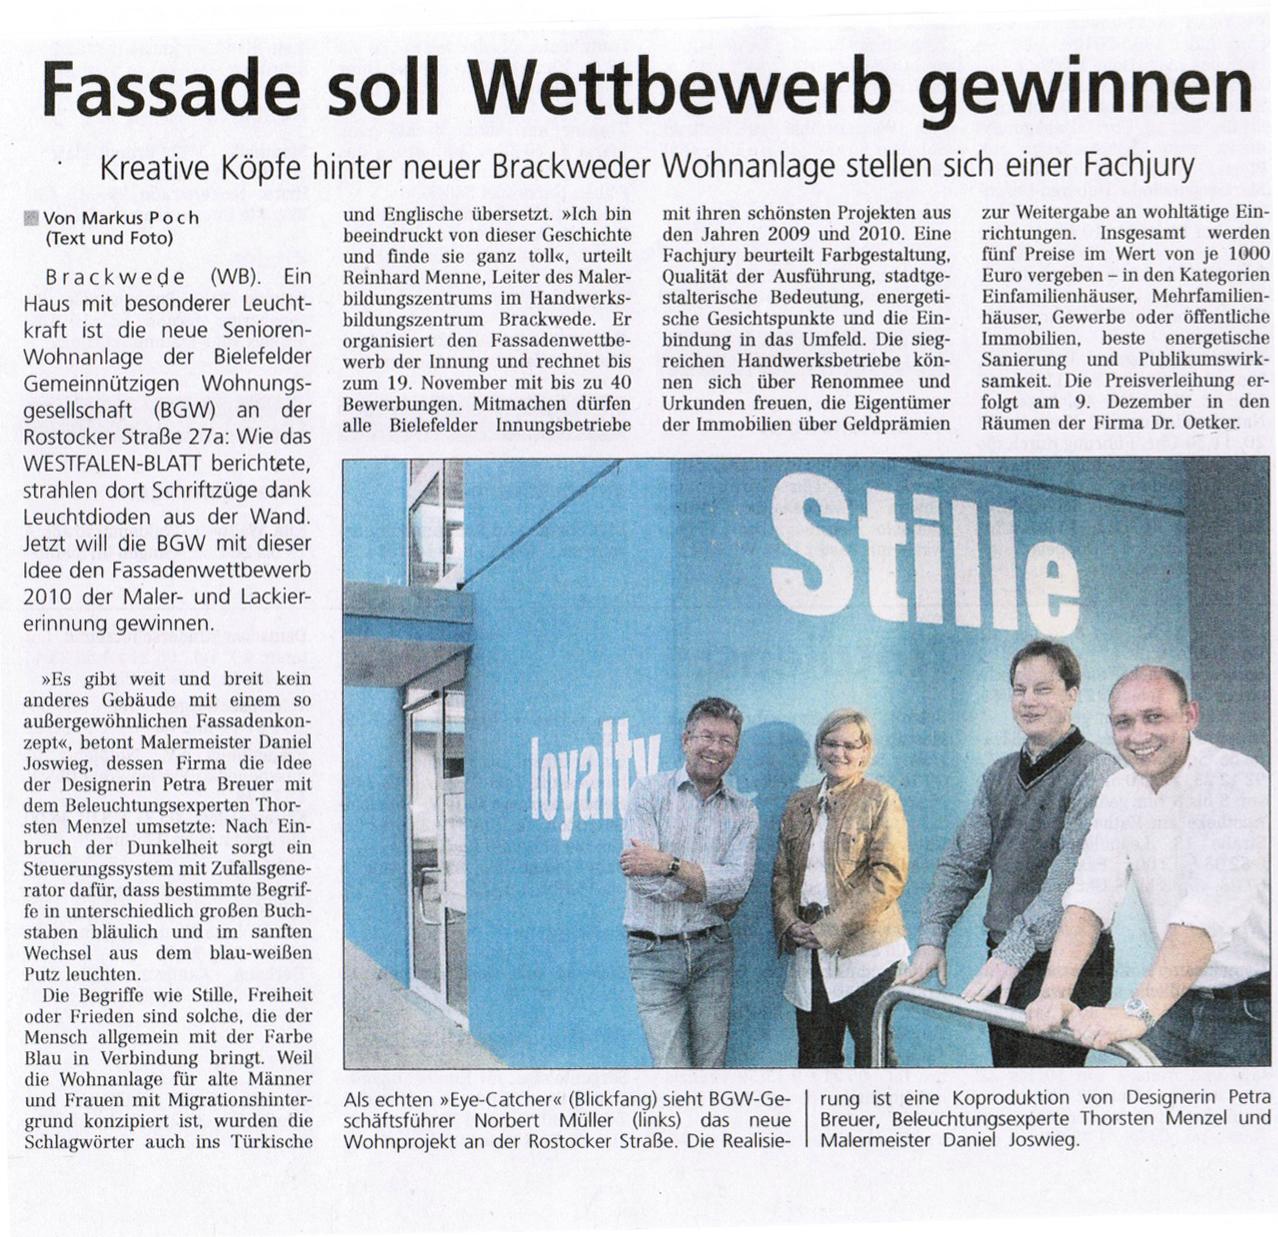 fassade-soll-wettbewerb-gewinnen-2010-kopie